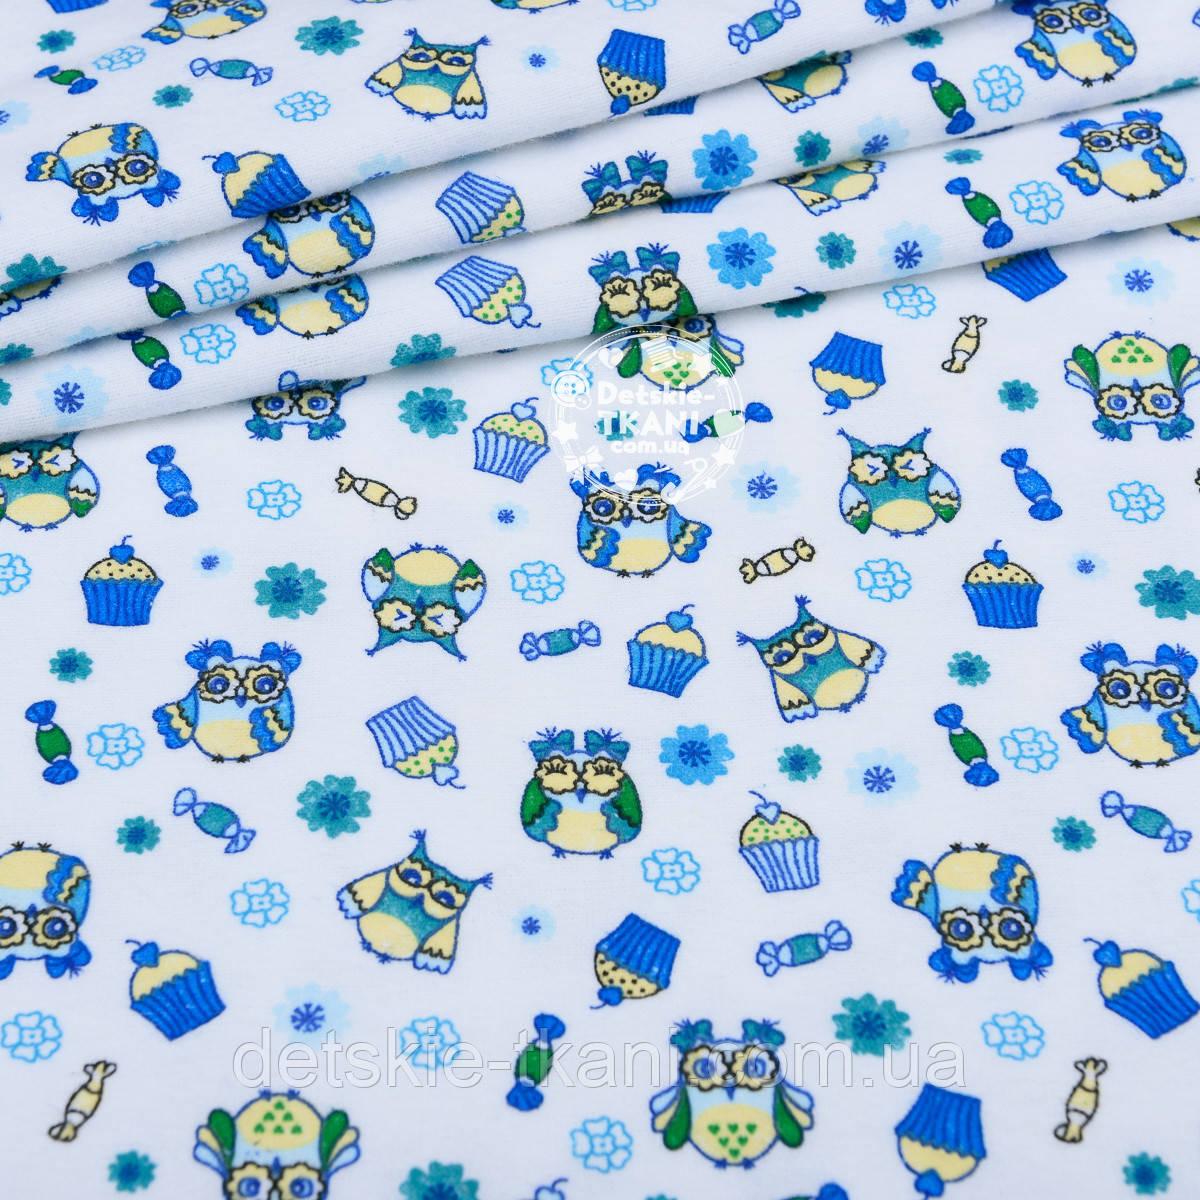 """Фланель детская """"Маленькие совы и кексы голубые"""", ширина 180 см"""